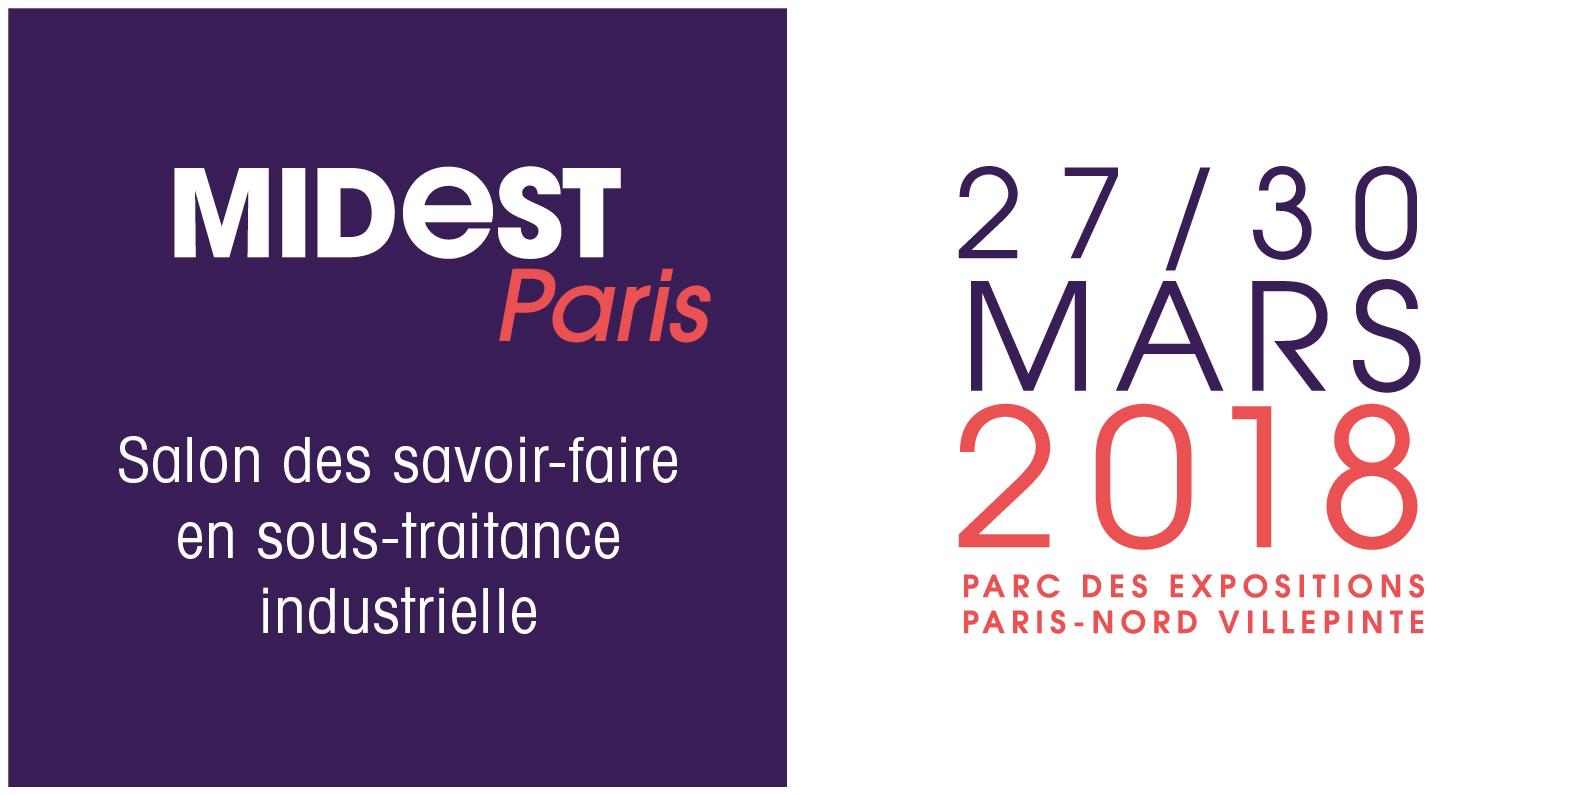 GOIMEK IS EXHIBITING AT MIDEST 2018 EXHIBITION IN PARIS